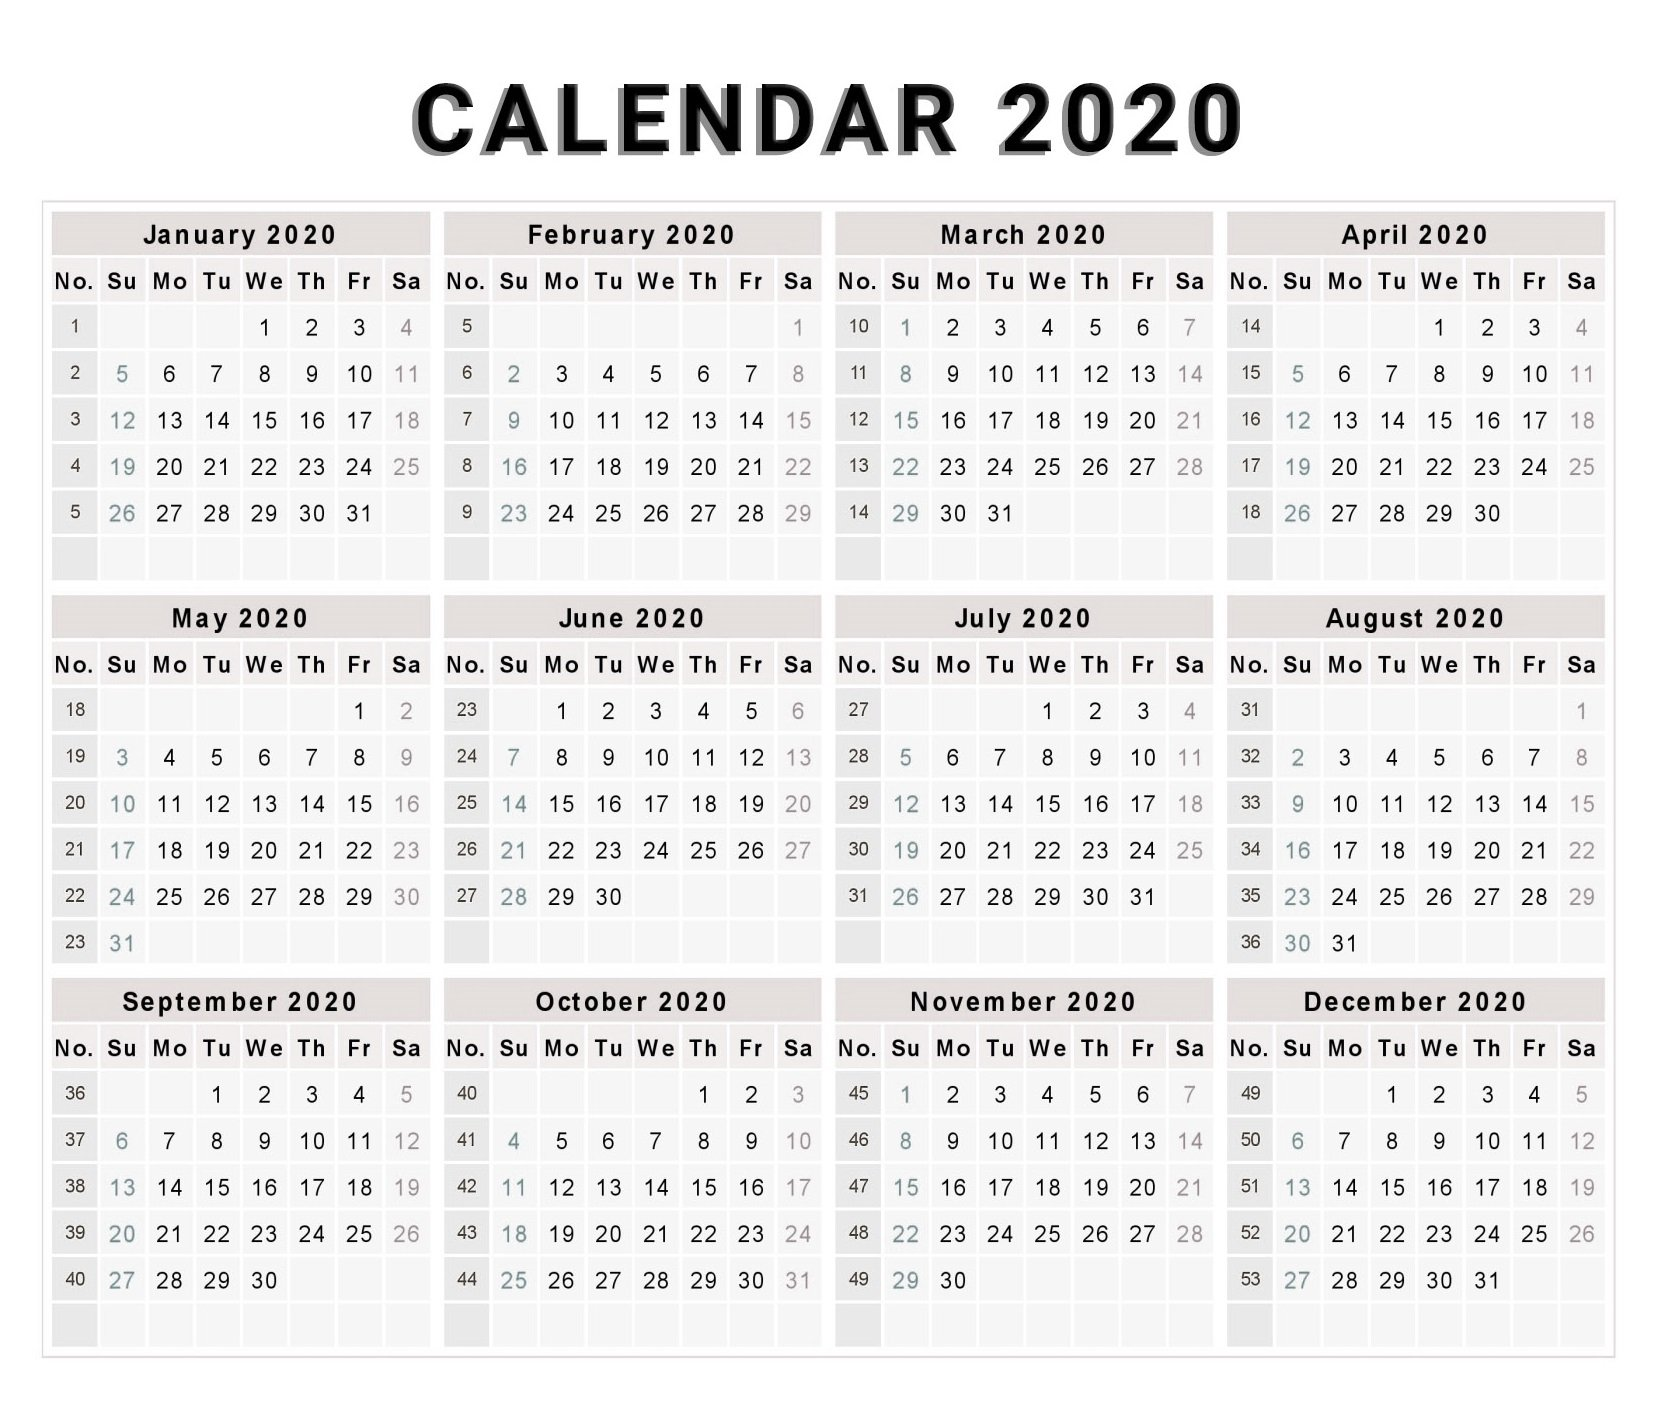 Blank 2020 One Page Calendar Printable - Free Printable